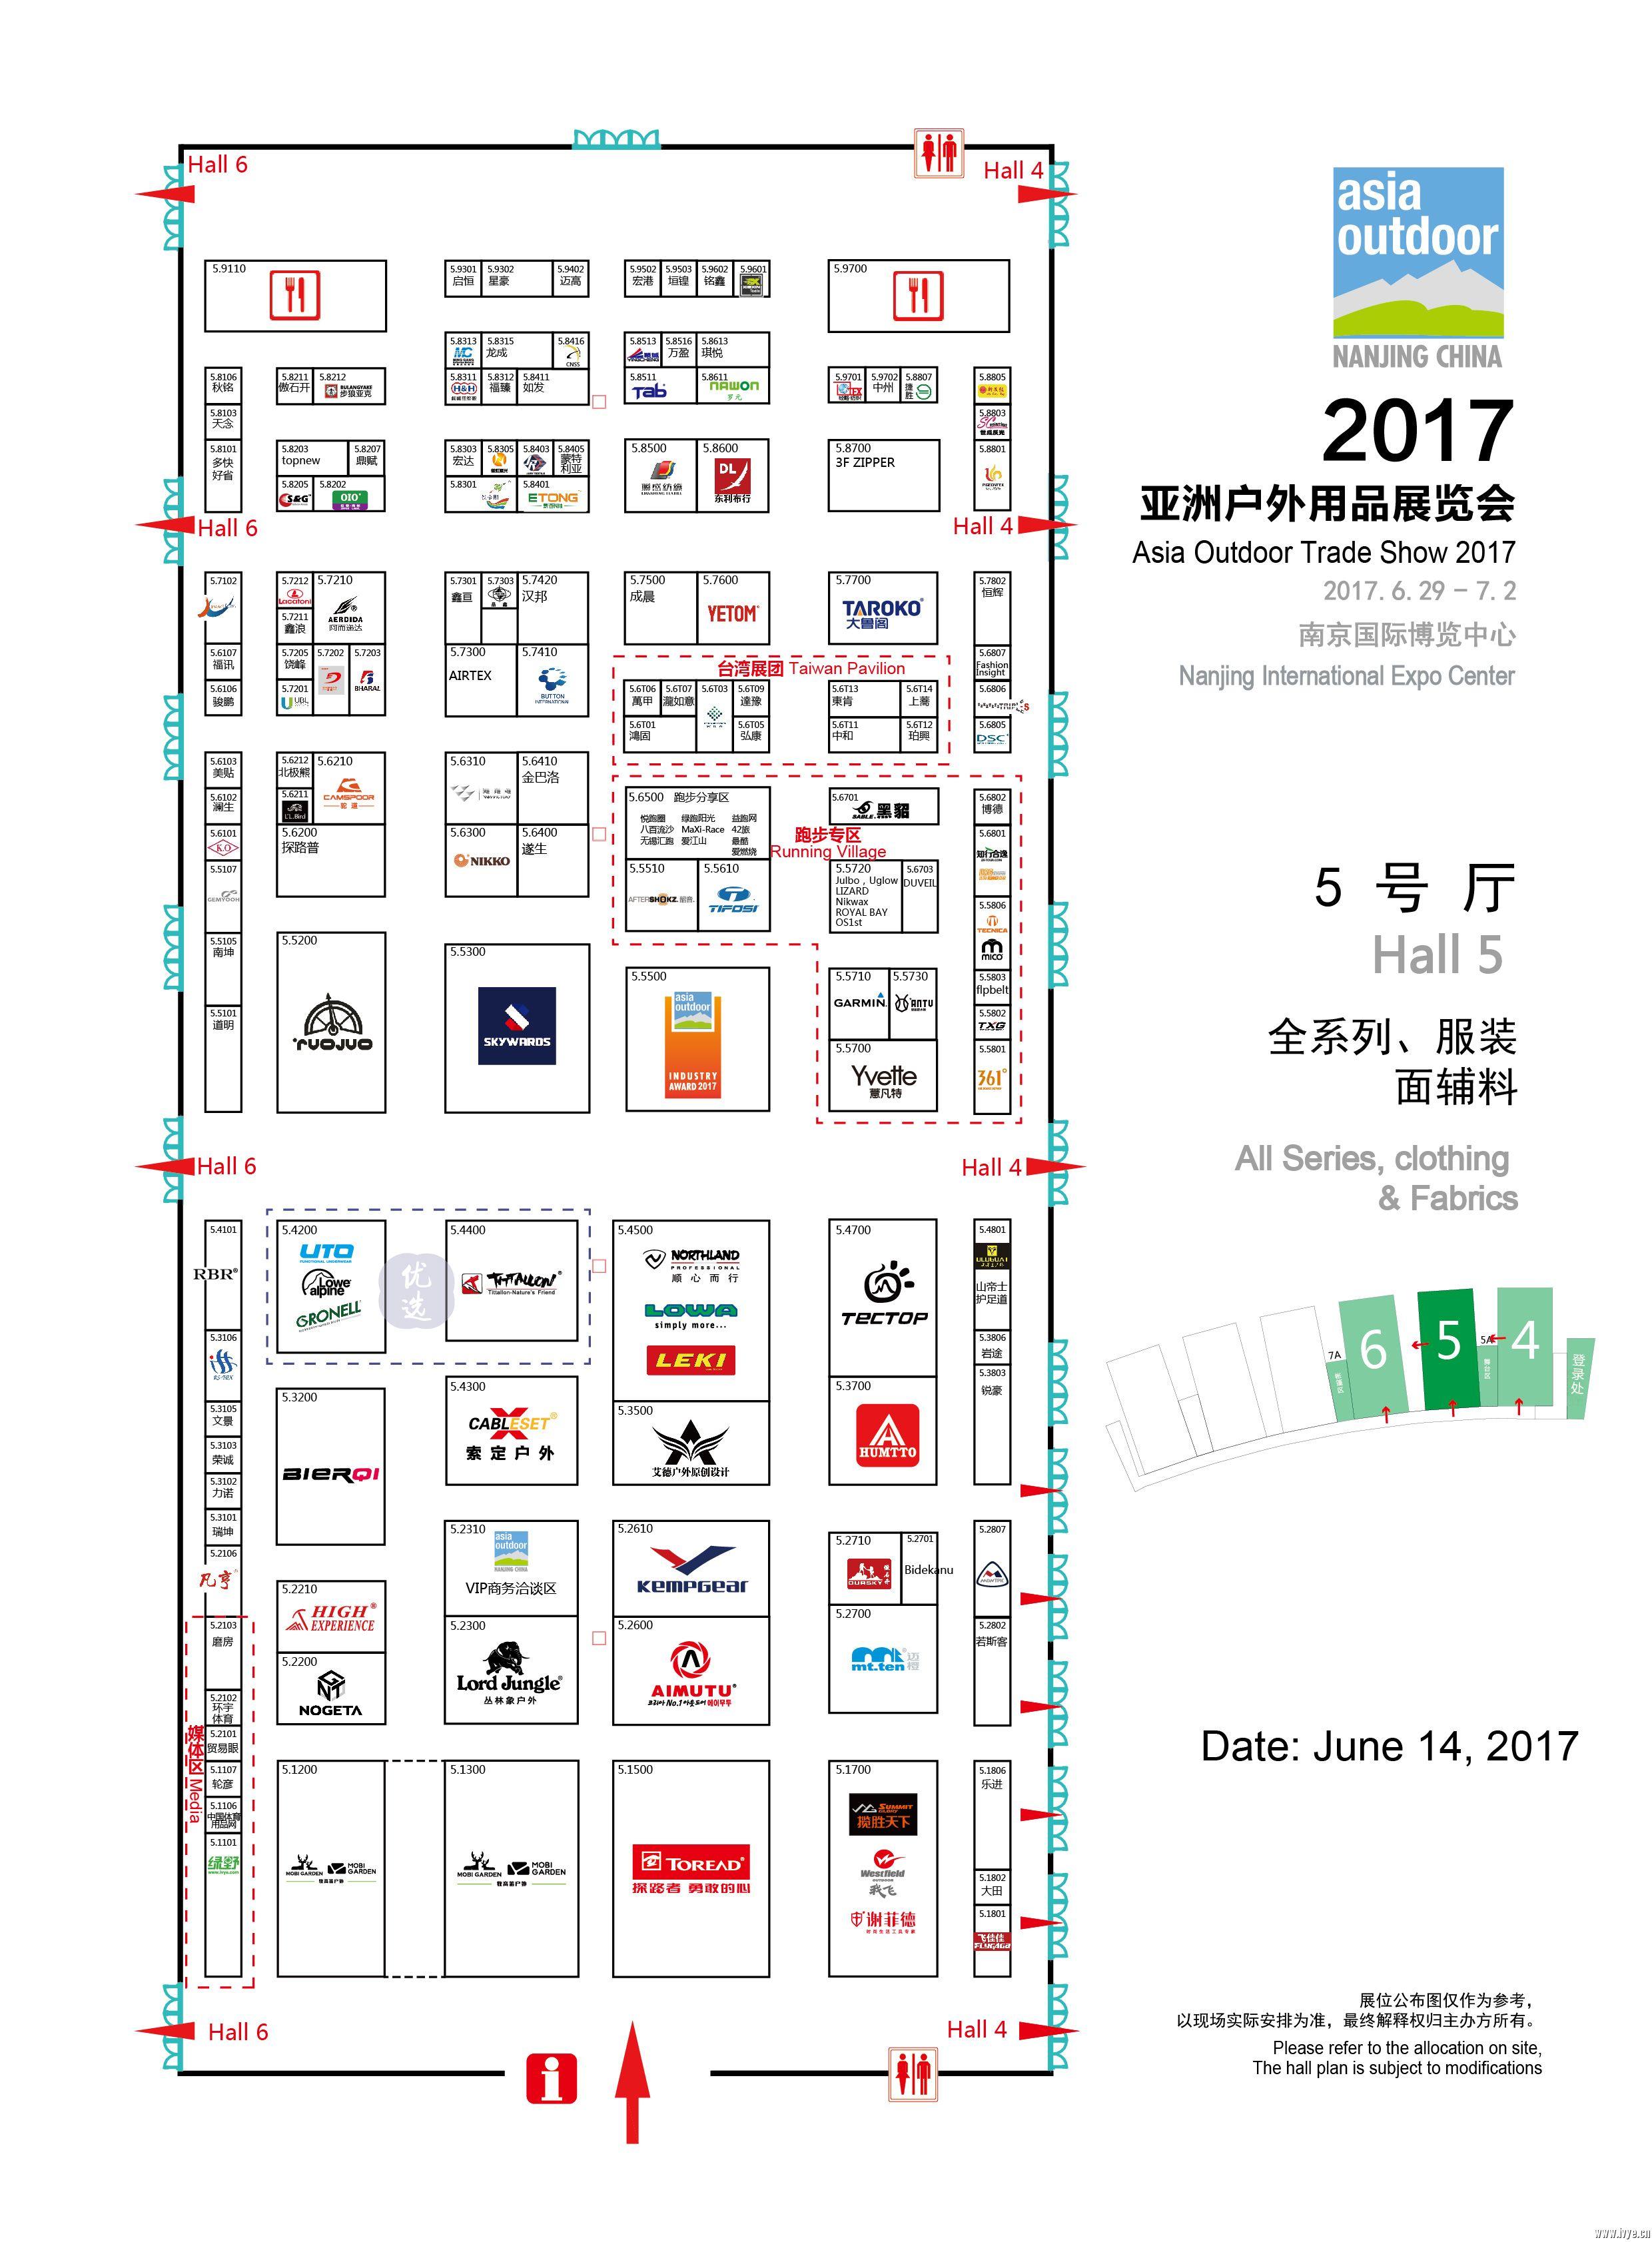 2017南京亚洲户外展展位导览图